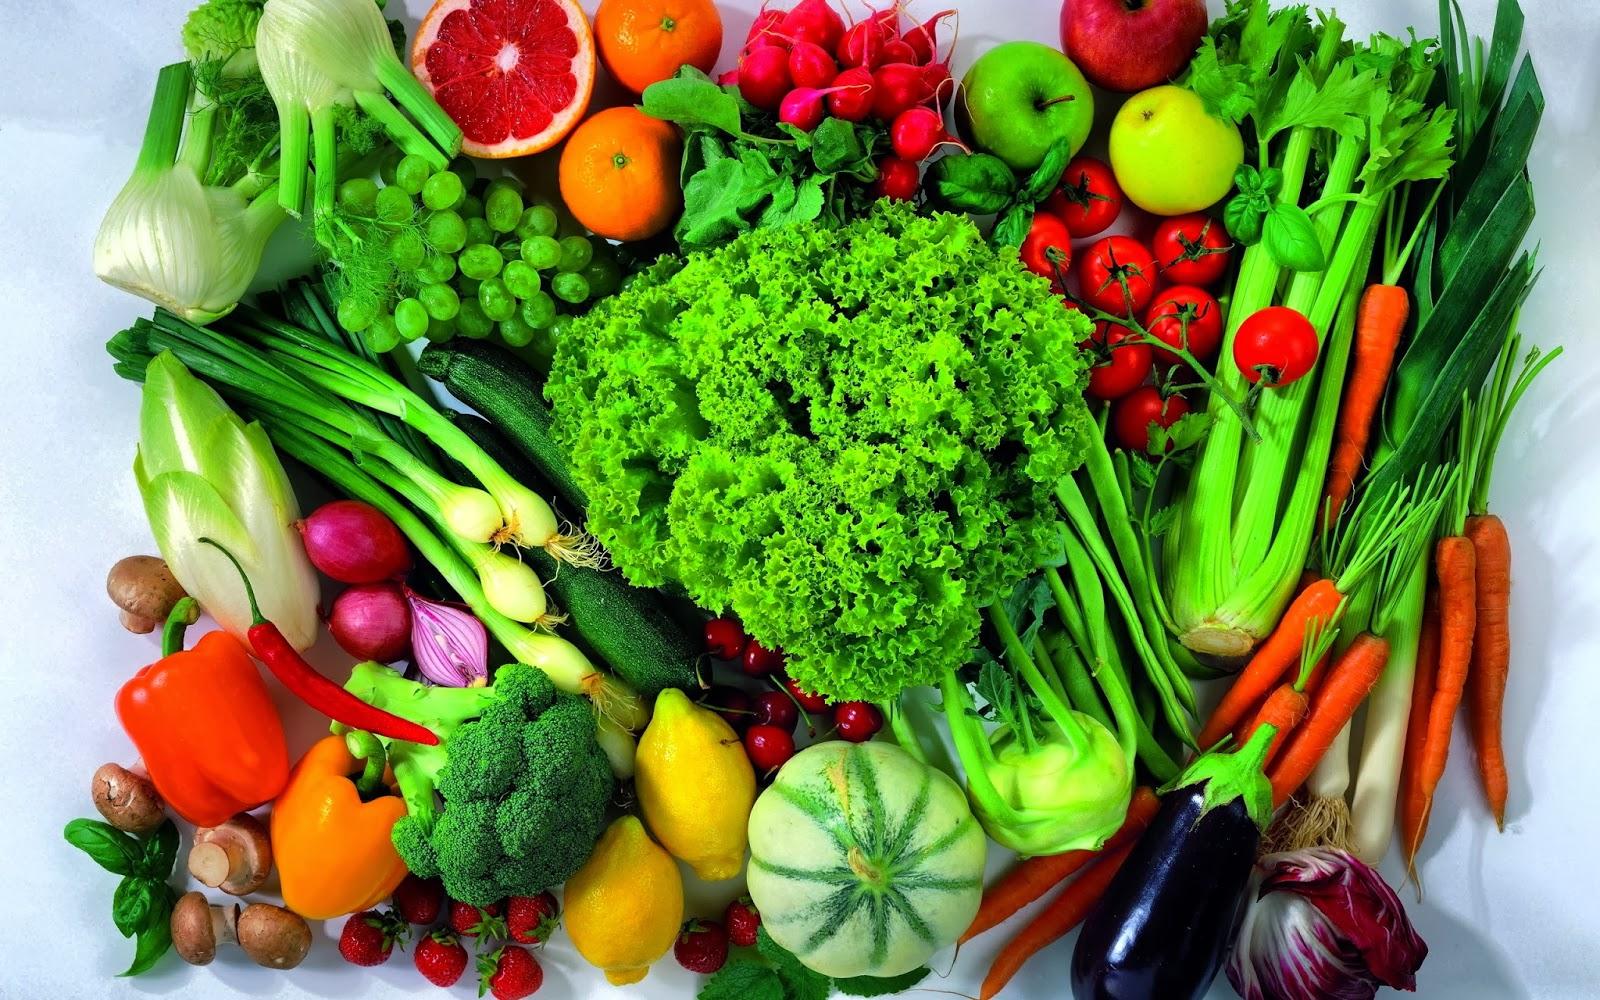 خضروات تساعد على انقاص الوزن